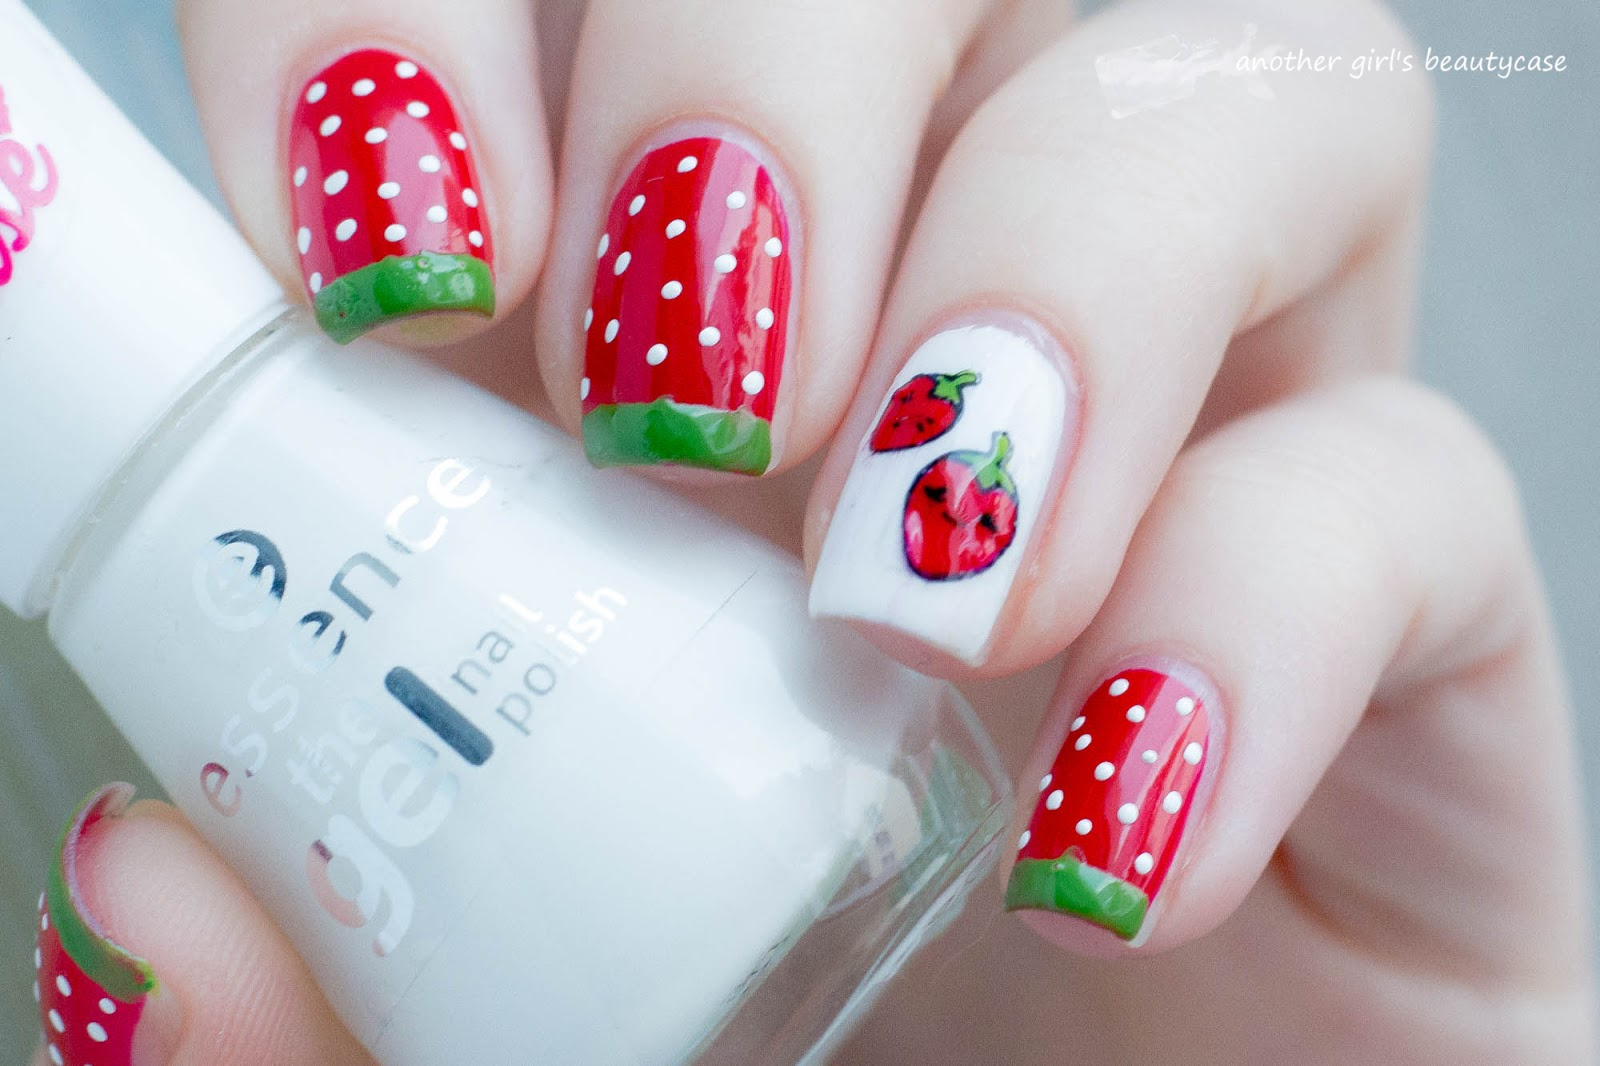 RainPow Nails: [Polkadots] Strawberry-Nails